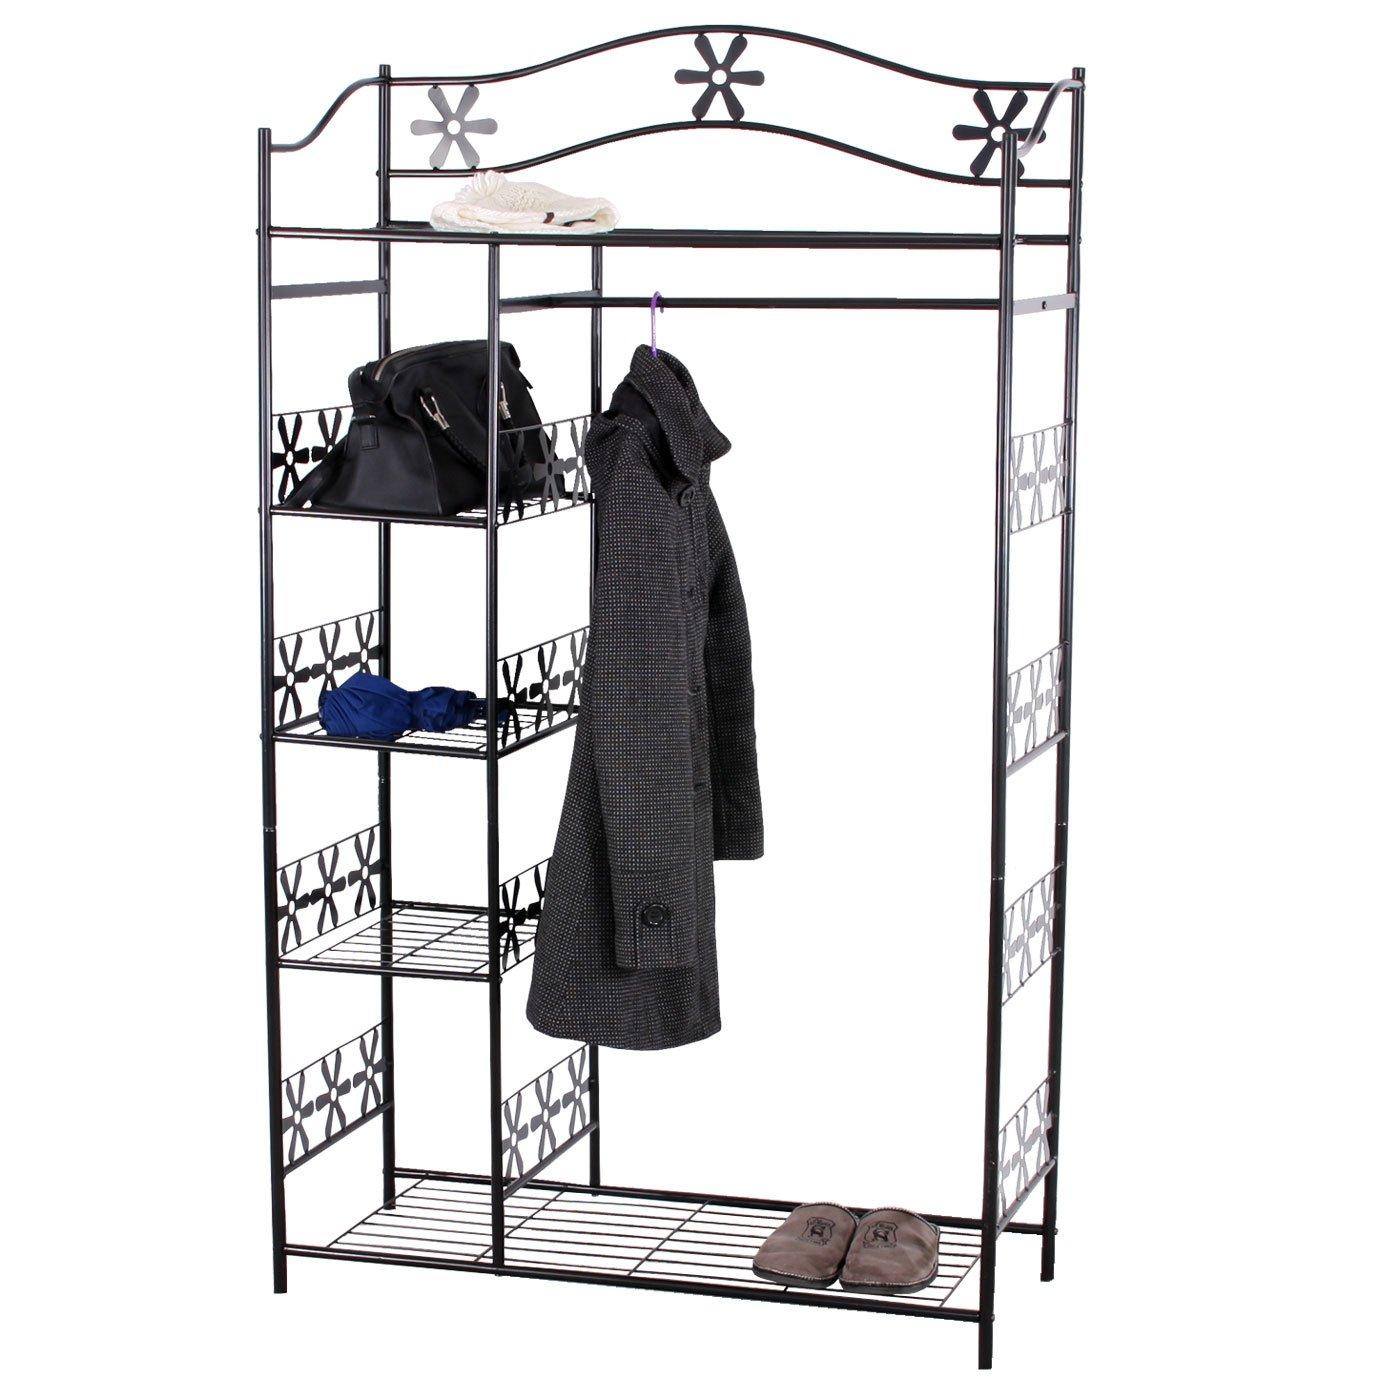 Regalsystem kleiderschrank mit vorhang  Metall-Garderobe Genf, Garderobenständer Kleiderschrank ...